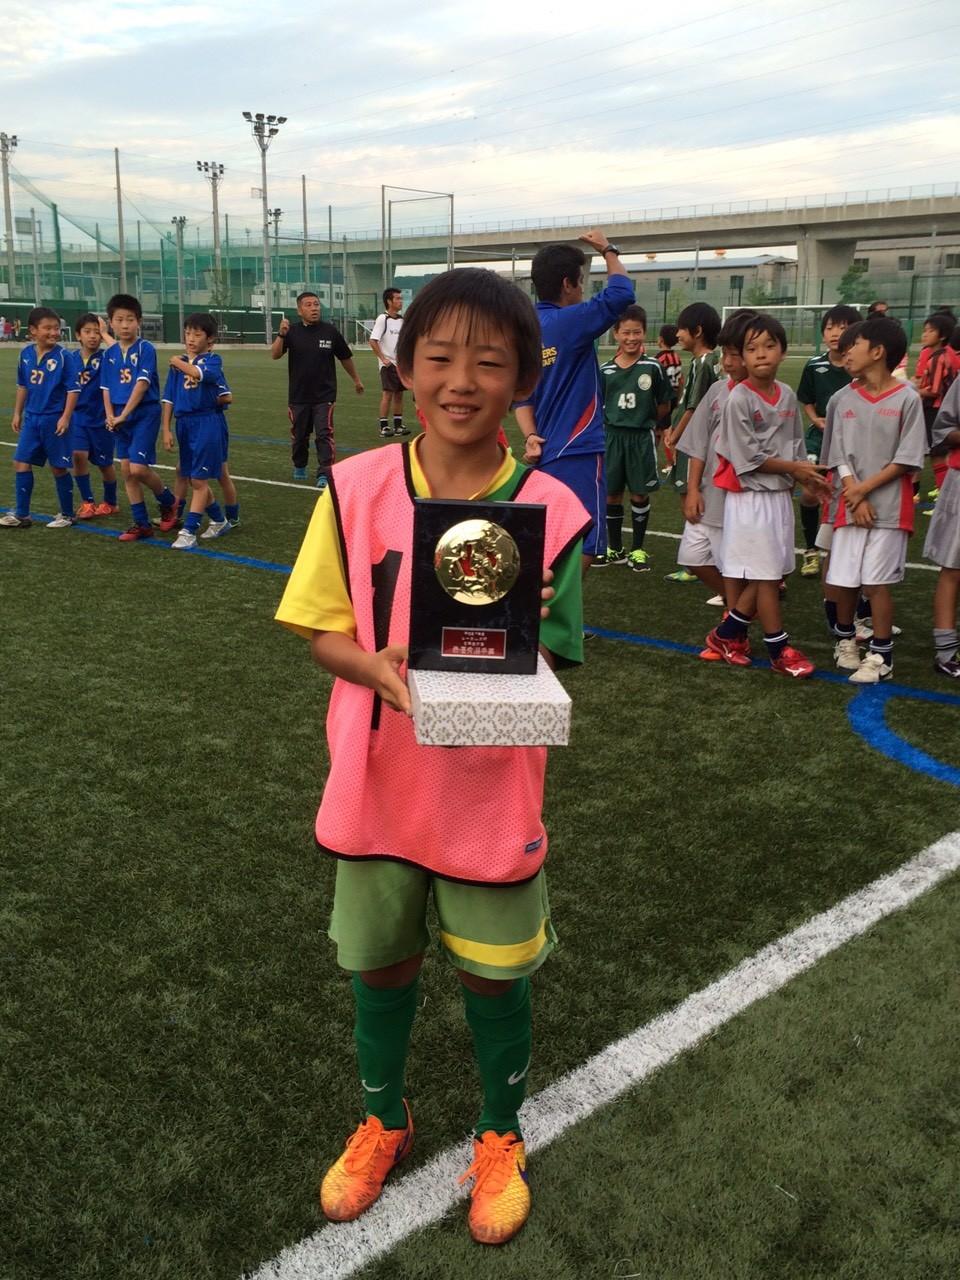 シーガルズ杯 U-11(5年生) 最優秀選手賞